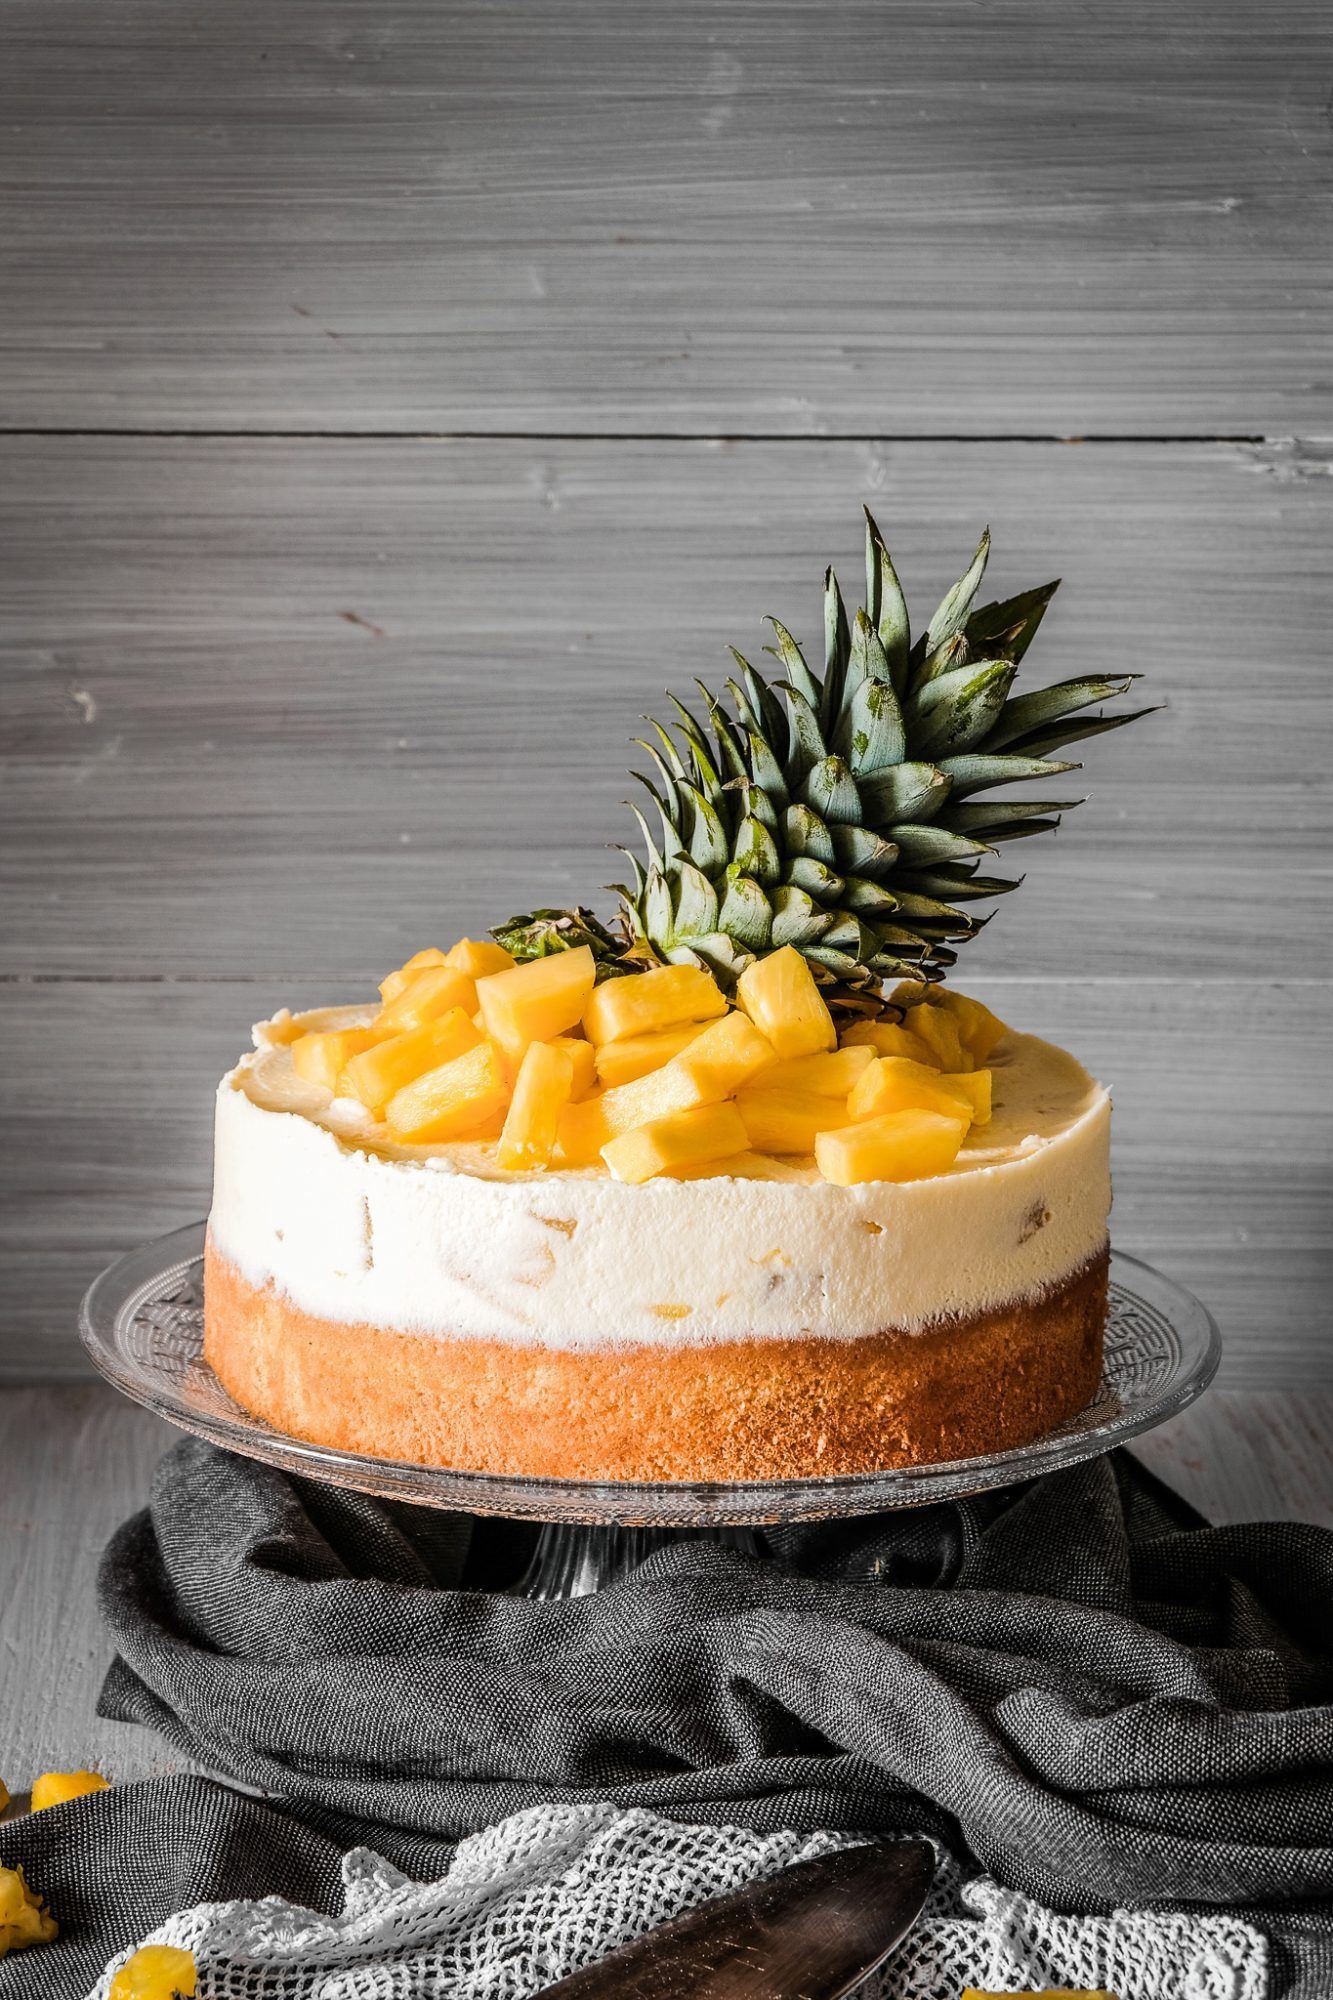 Einfache Ananas Torte Ahalni Sweet Home Ahalni Ananas Einfache Home Sweet Torte In 2020 Ananas Torte Ananas Kuchen Rezepte